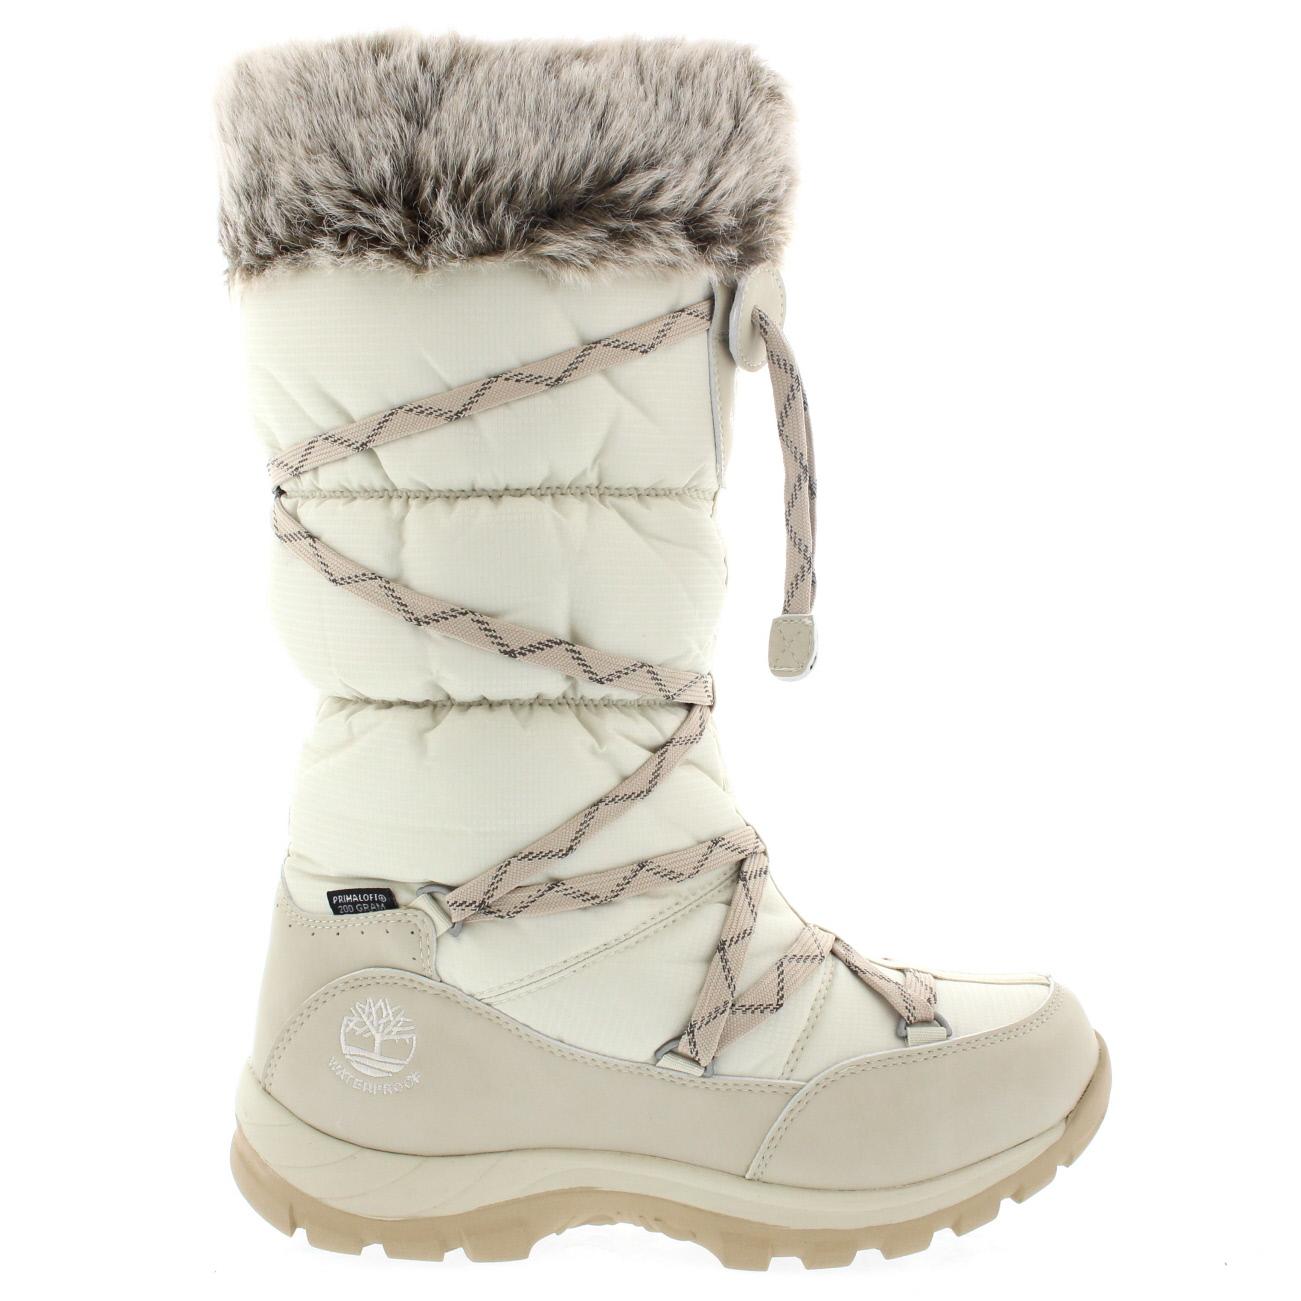 entrega rápida Venta barata auténtico auténtico botas para nieve mujer timberland